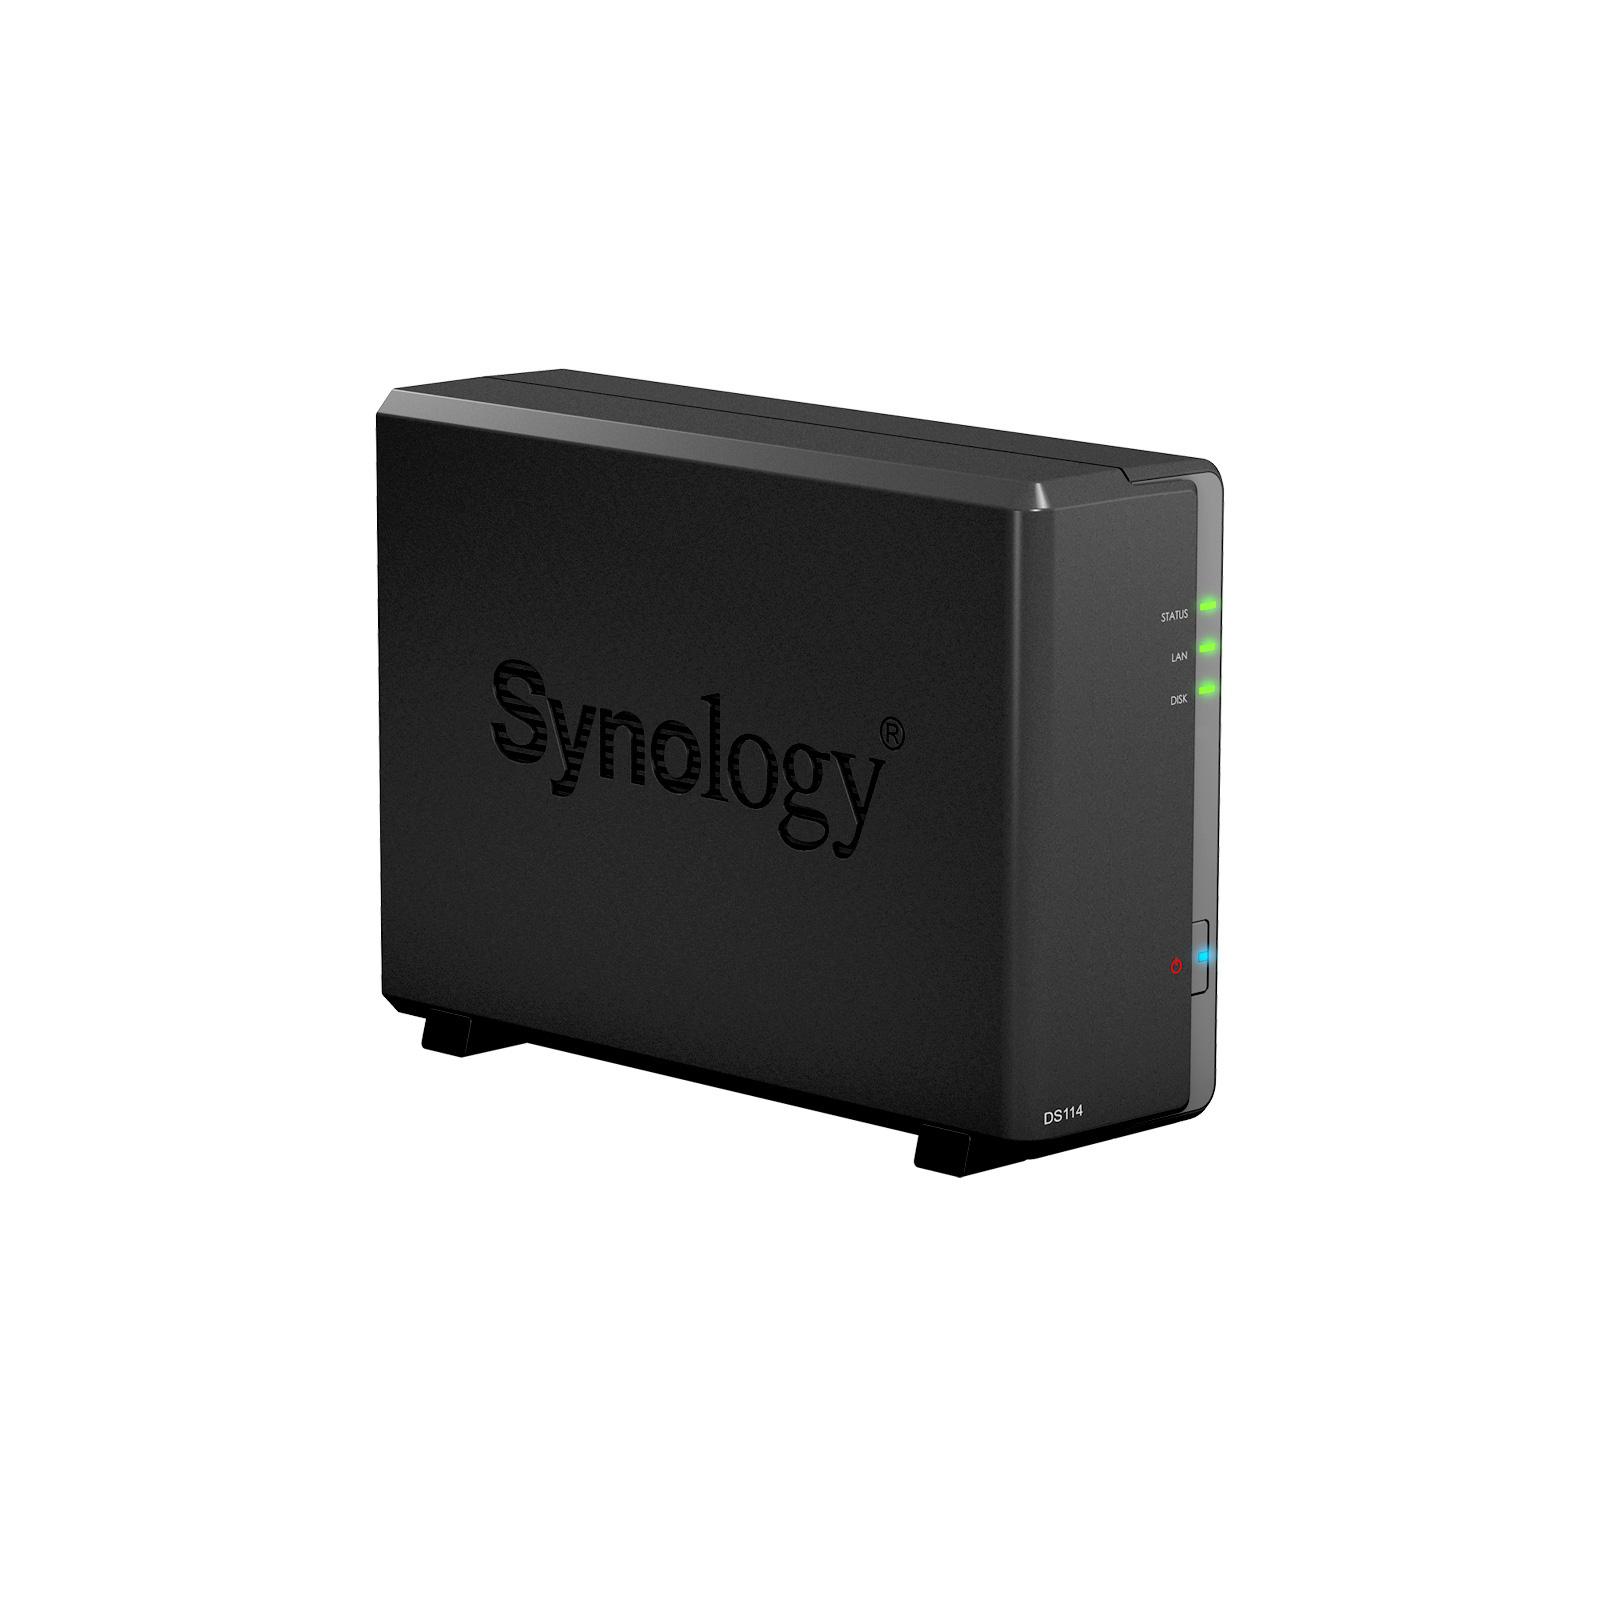 NAS Synology DS114 изображение 6